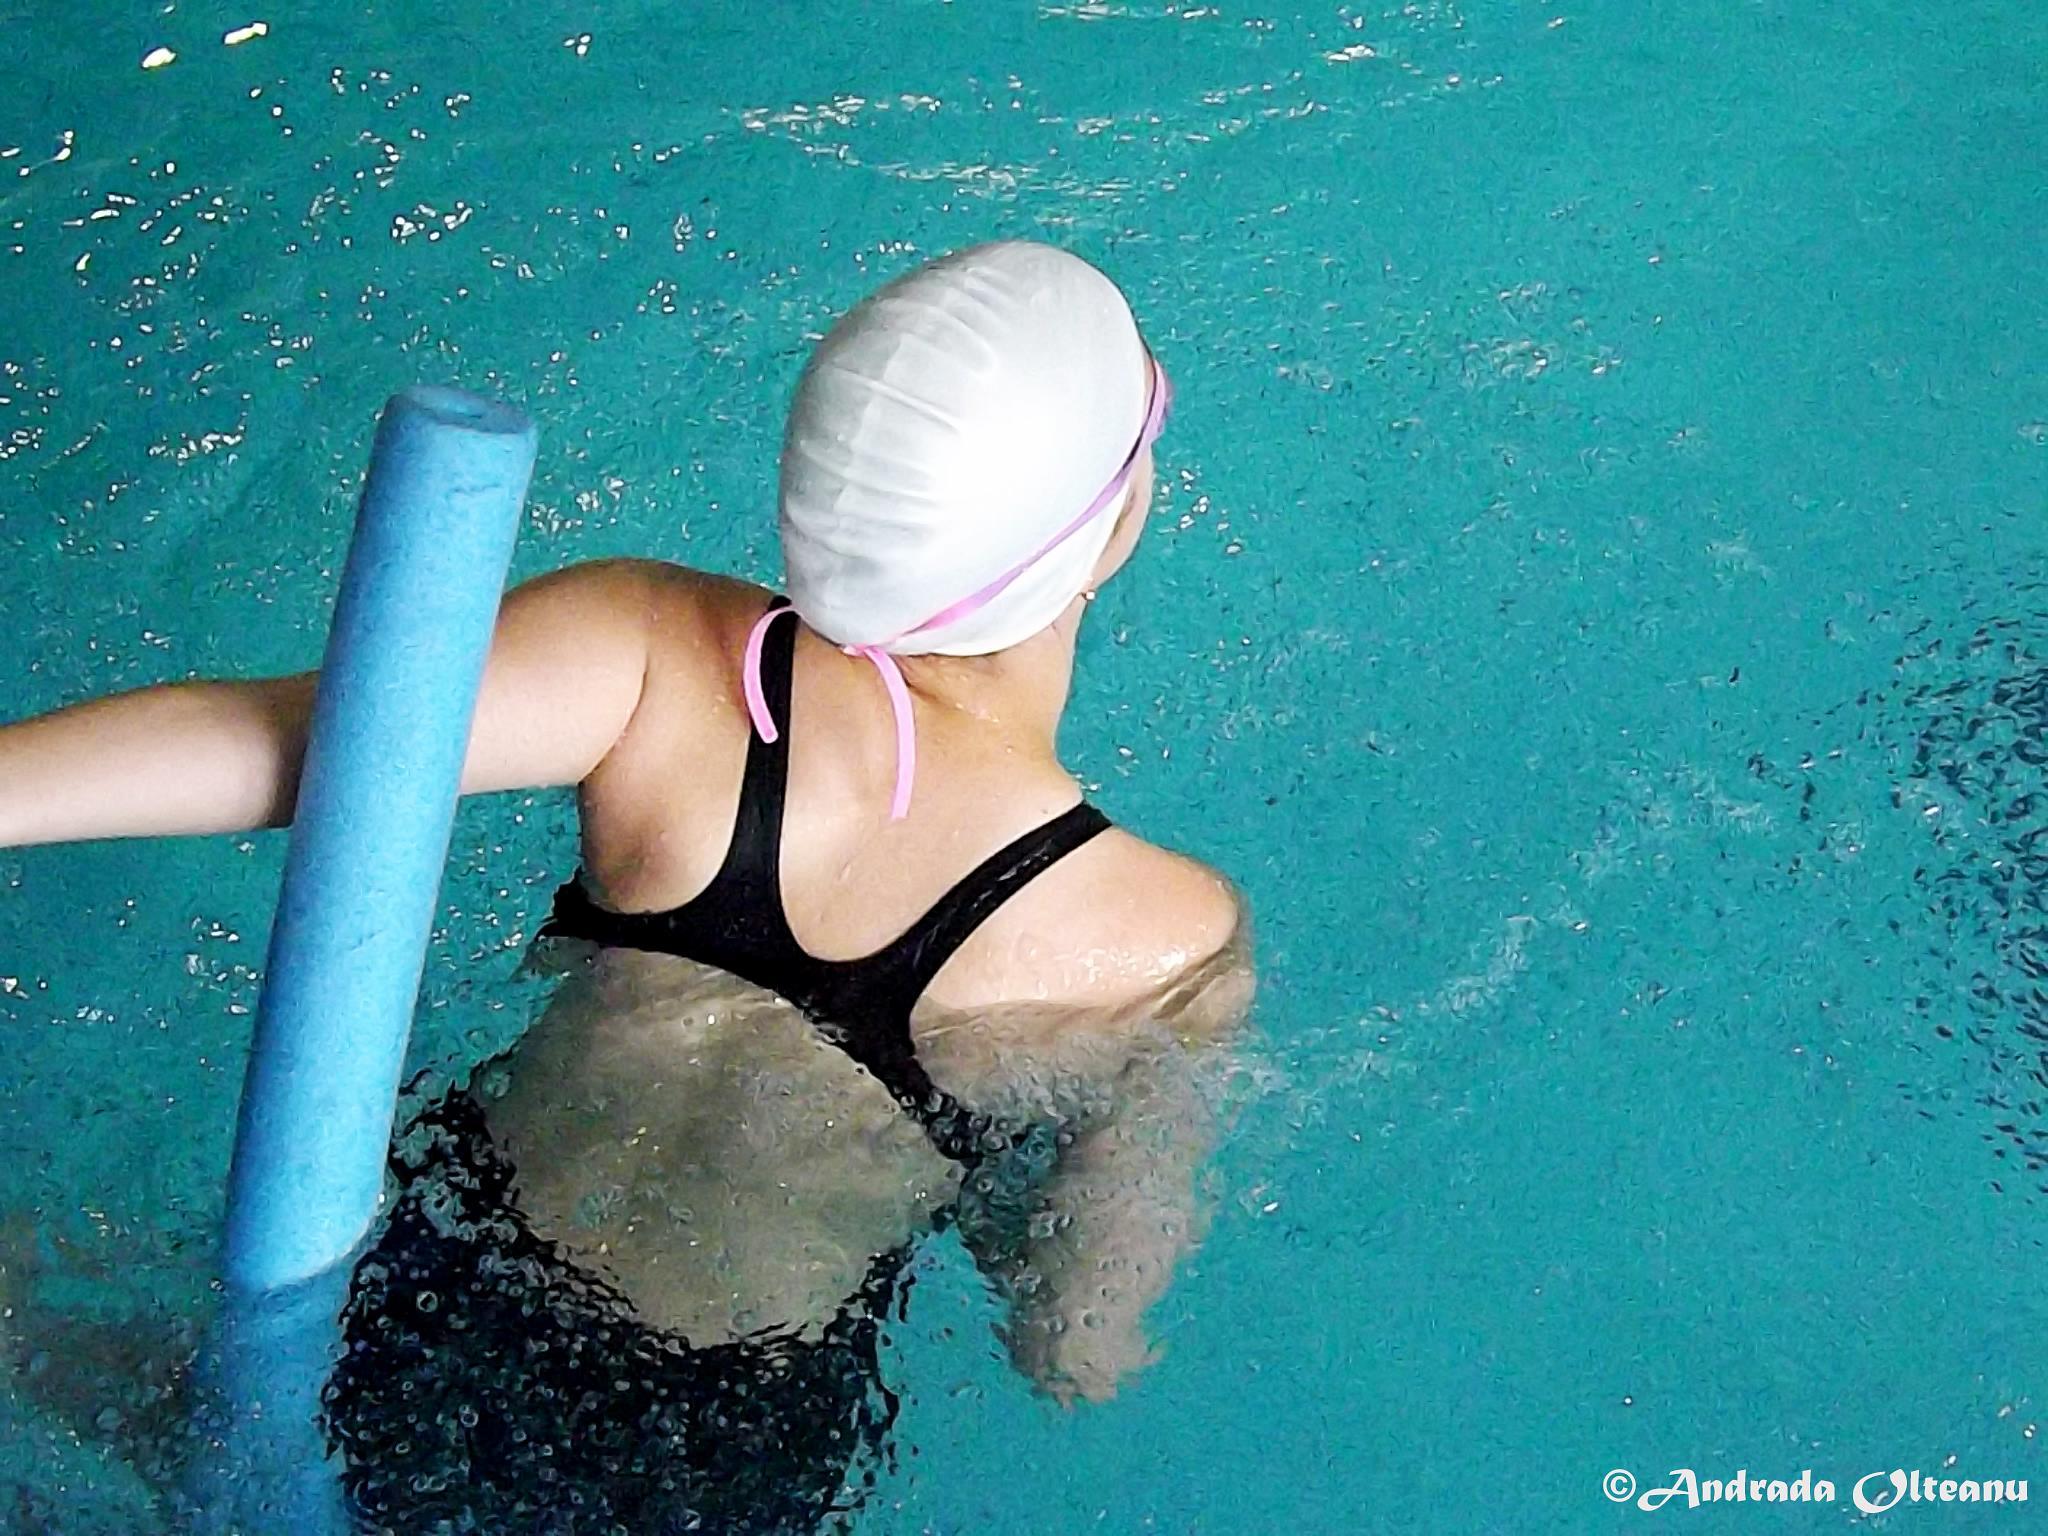 Swimming contest  by Andrada Cristiana